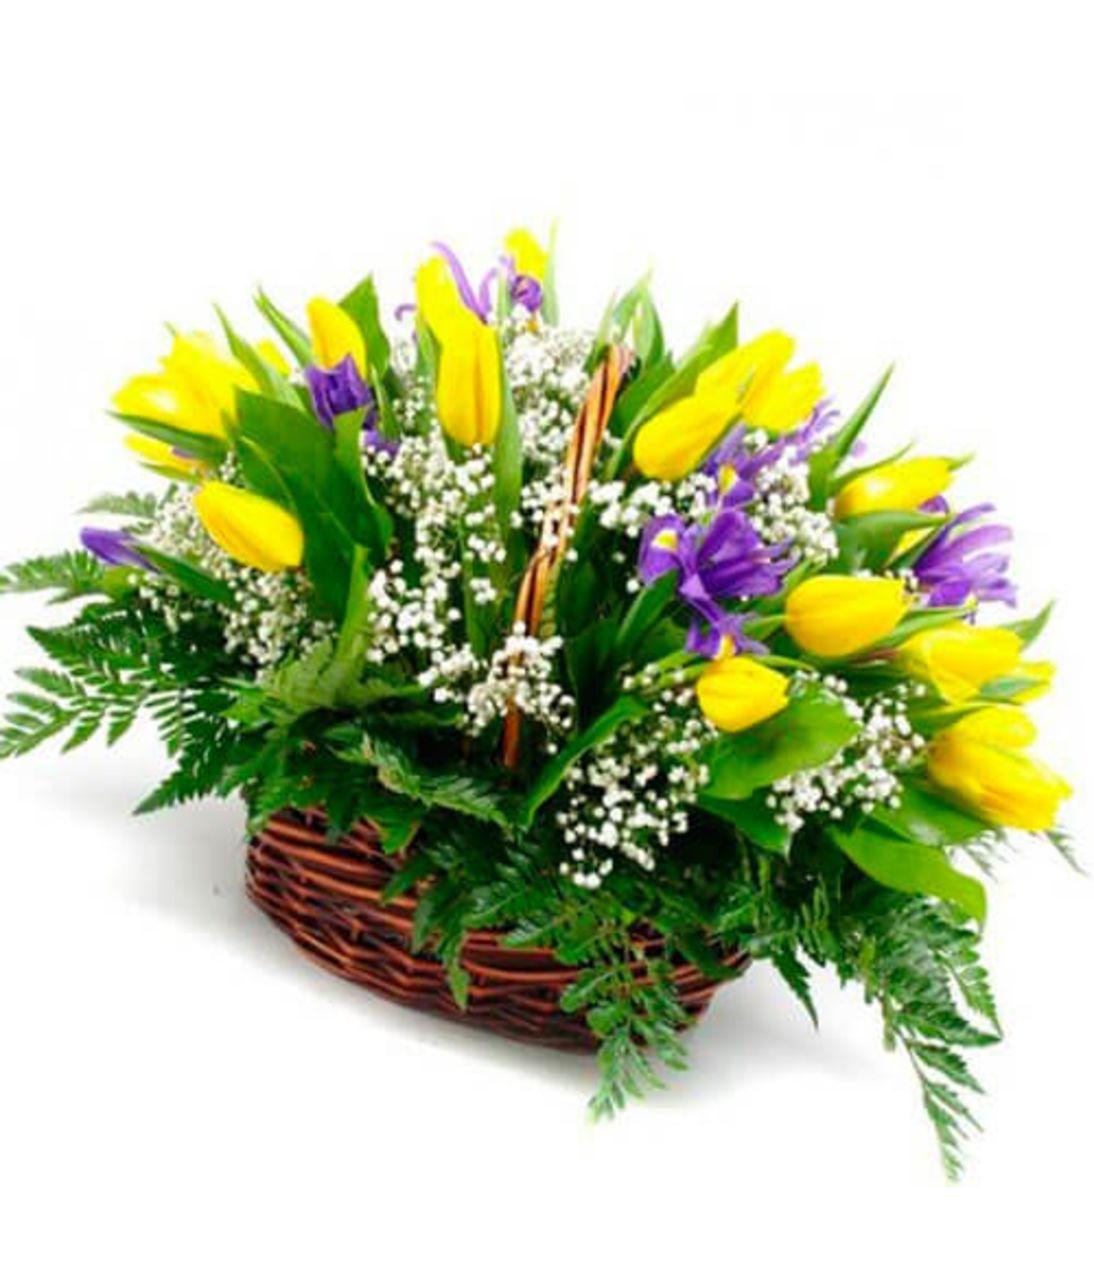 """Ирисы и тюльпаны в корзине """"Яркий вечер"""". Superflowers.com.ua"""